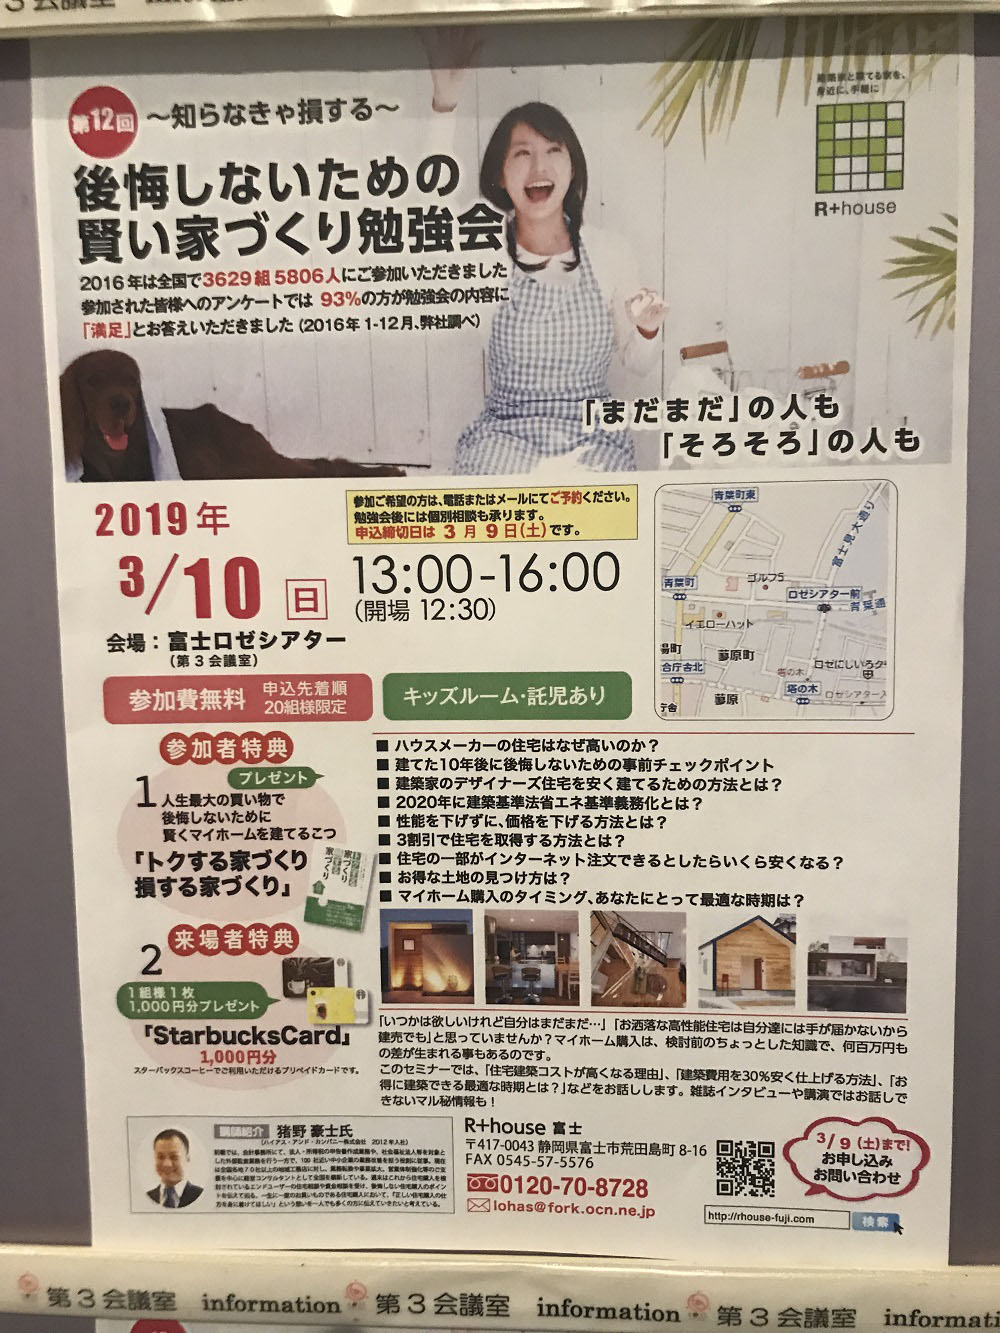 日本の住宅産業の意識レベルはまだまだ低い? 画像1